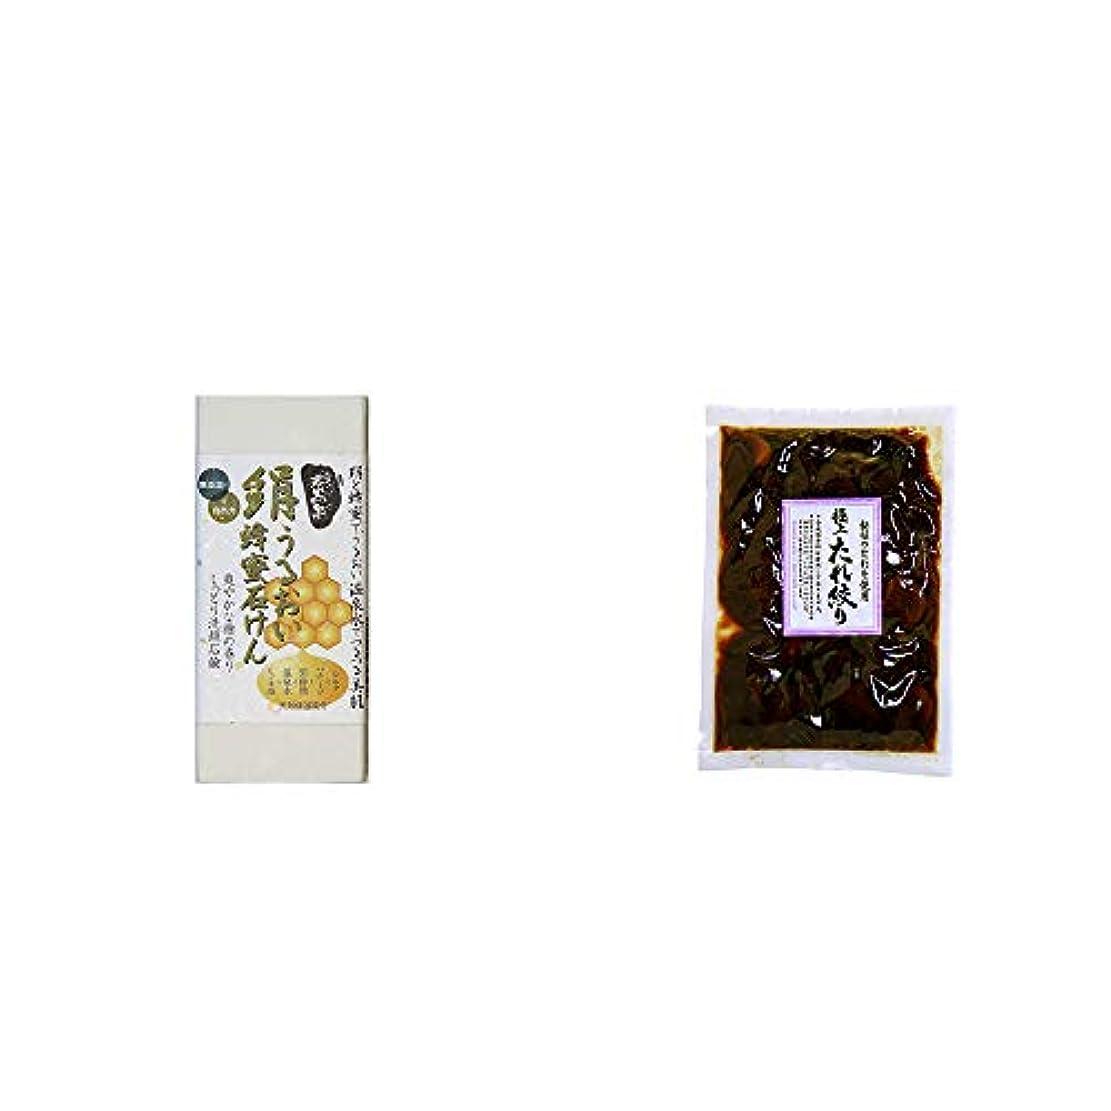 出費経度愛人[2点セット] ひのき炭黒泉 絹うるおい蜂蜜石けん(75g×2)?国産 極上たれ絞り(250g)